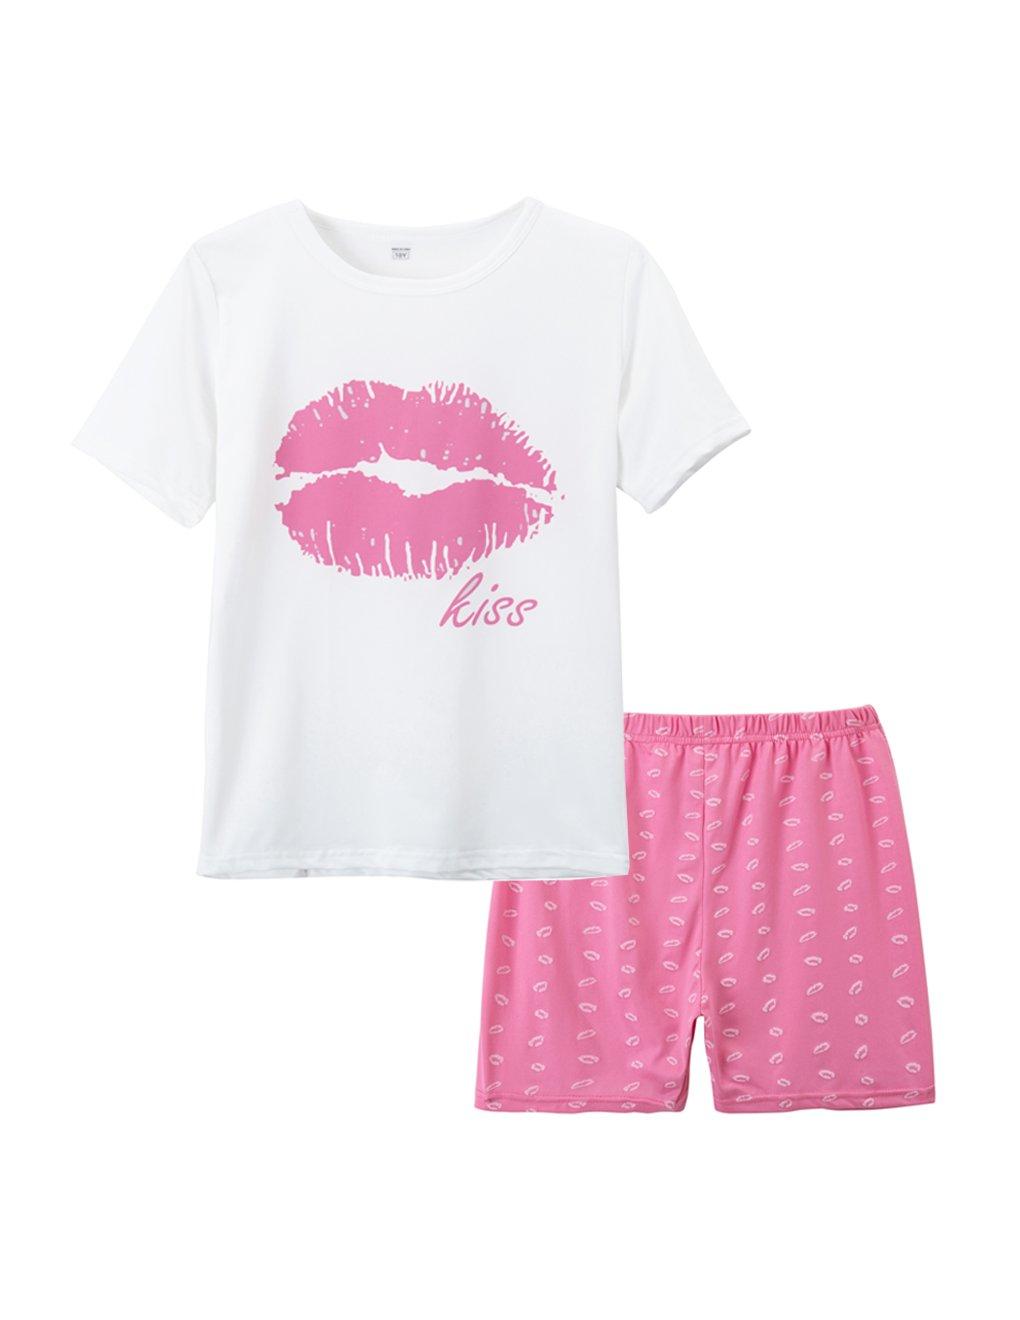 VENTELAN Summer Pajamas Set for Big Girls Cute Pink Lips Sleepwear Size 7-16